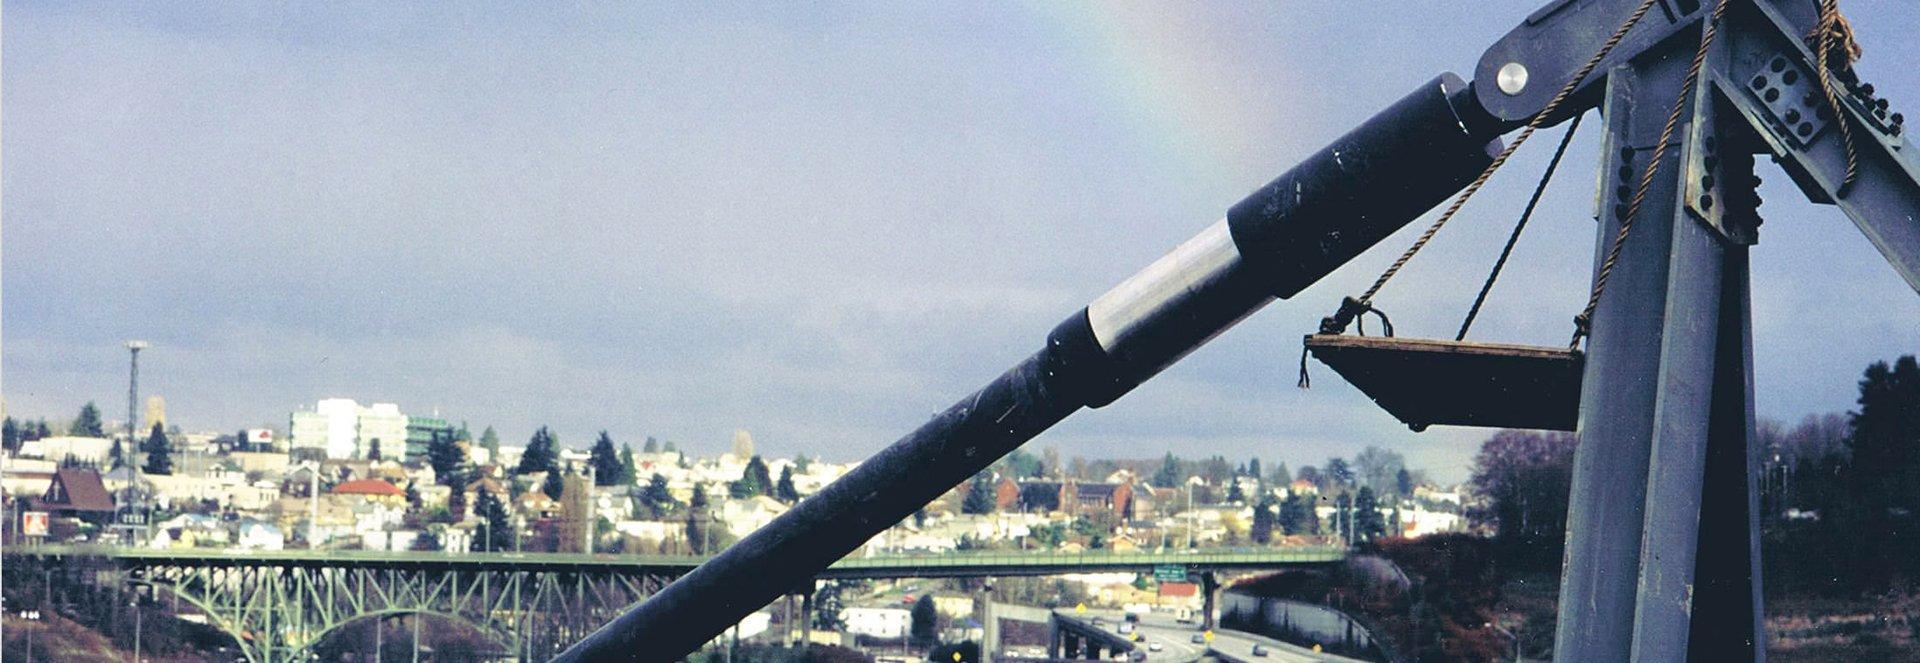 免制震ダンパーのイメージ画像